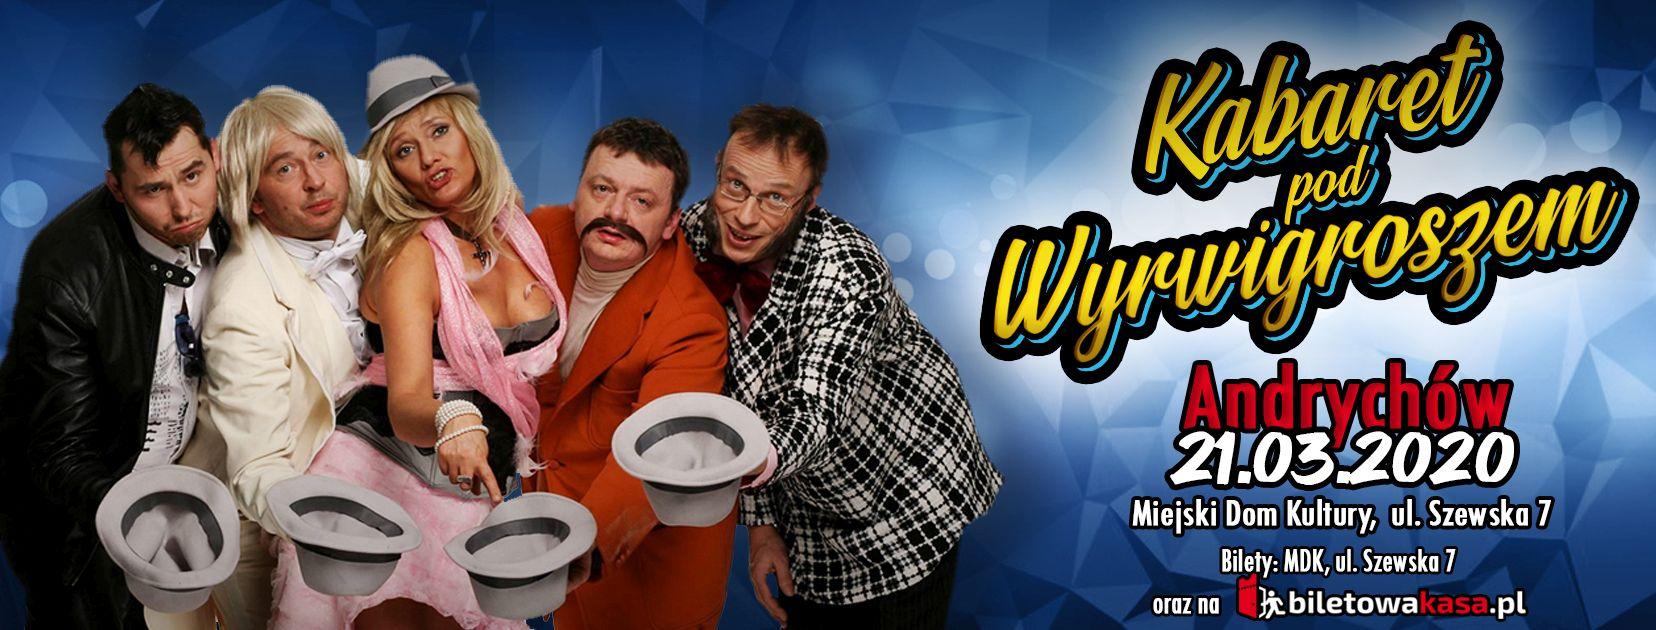 21 marca Kabaret pod Wyrwigroszem w Andrychowie